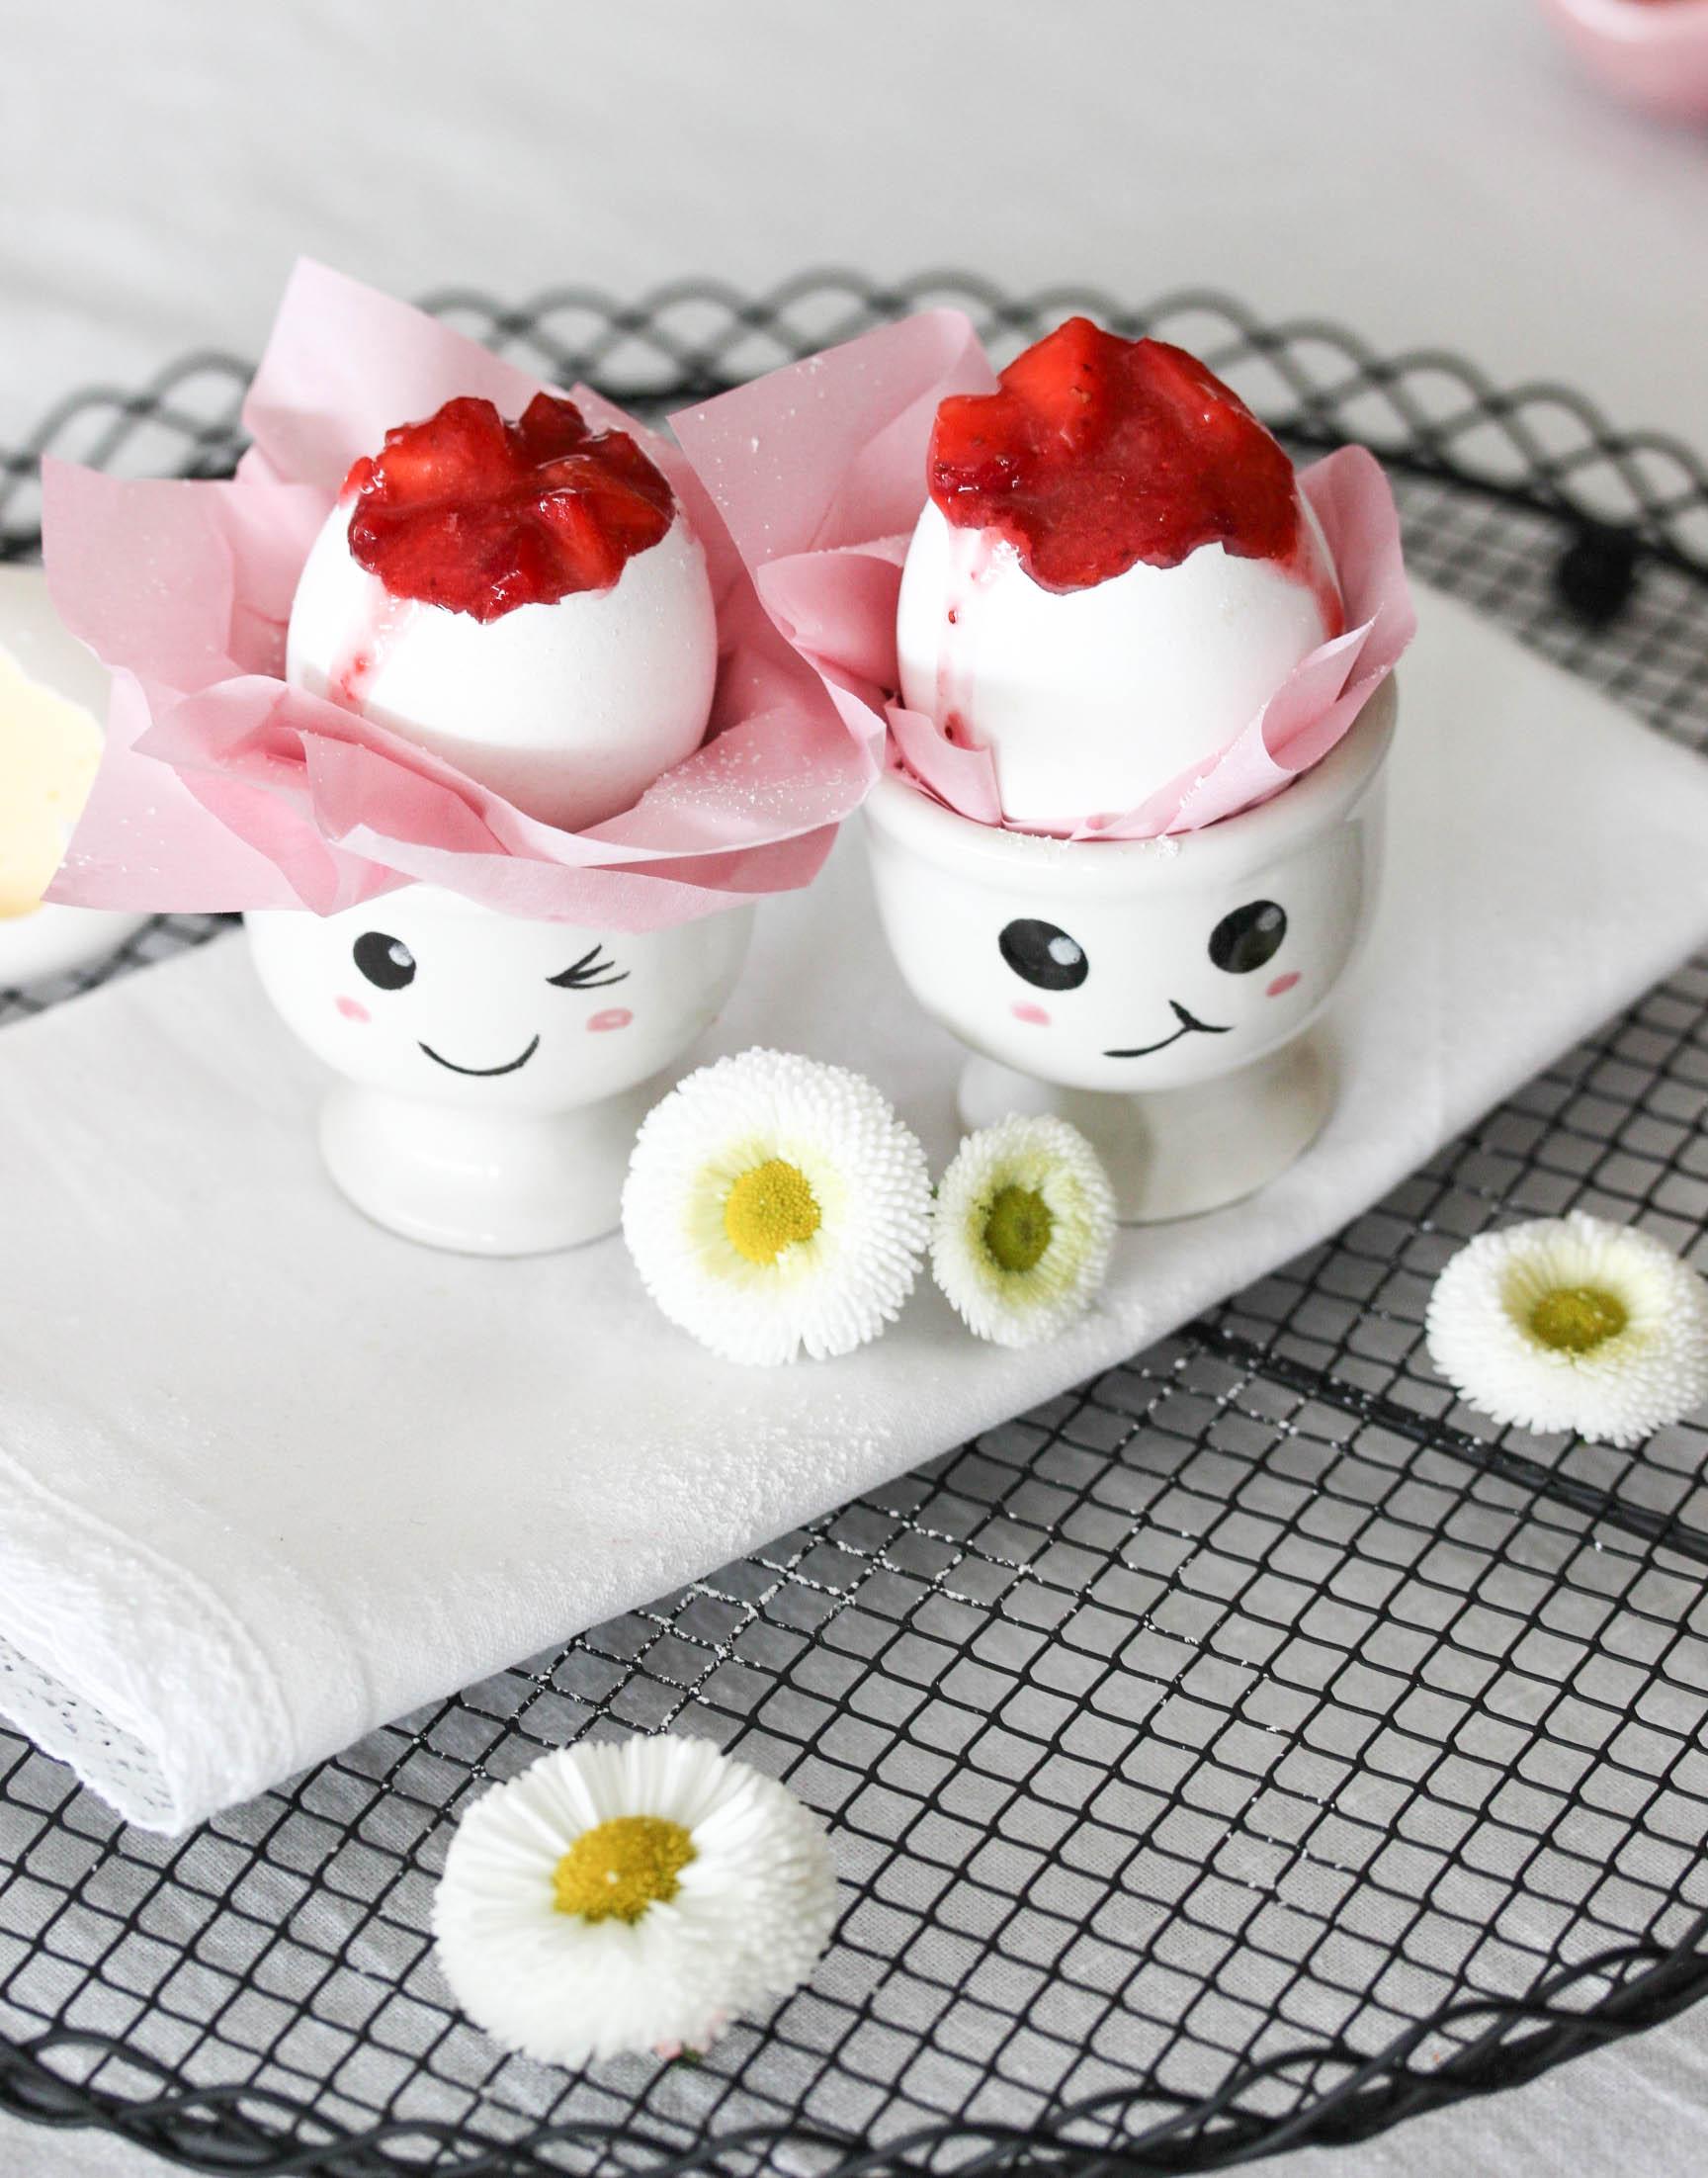 Einfaches Eierlikör Panna Cotta Rezept mit Erdbeeren Leckeres Dessert zu Ostern Dessert in Eierschalen #pannacotta #erdbeeren #ostern #dessert   Backblog Foodfotografie Foodblog  | Emma´s Lieblingsstücke